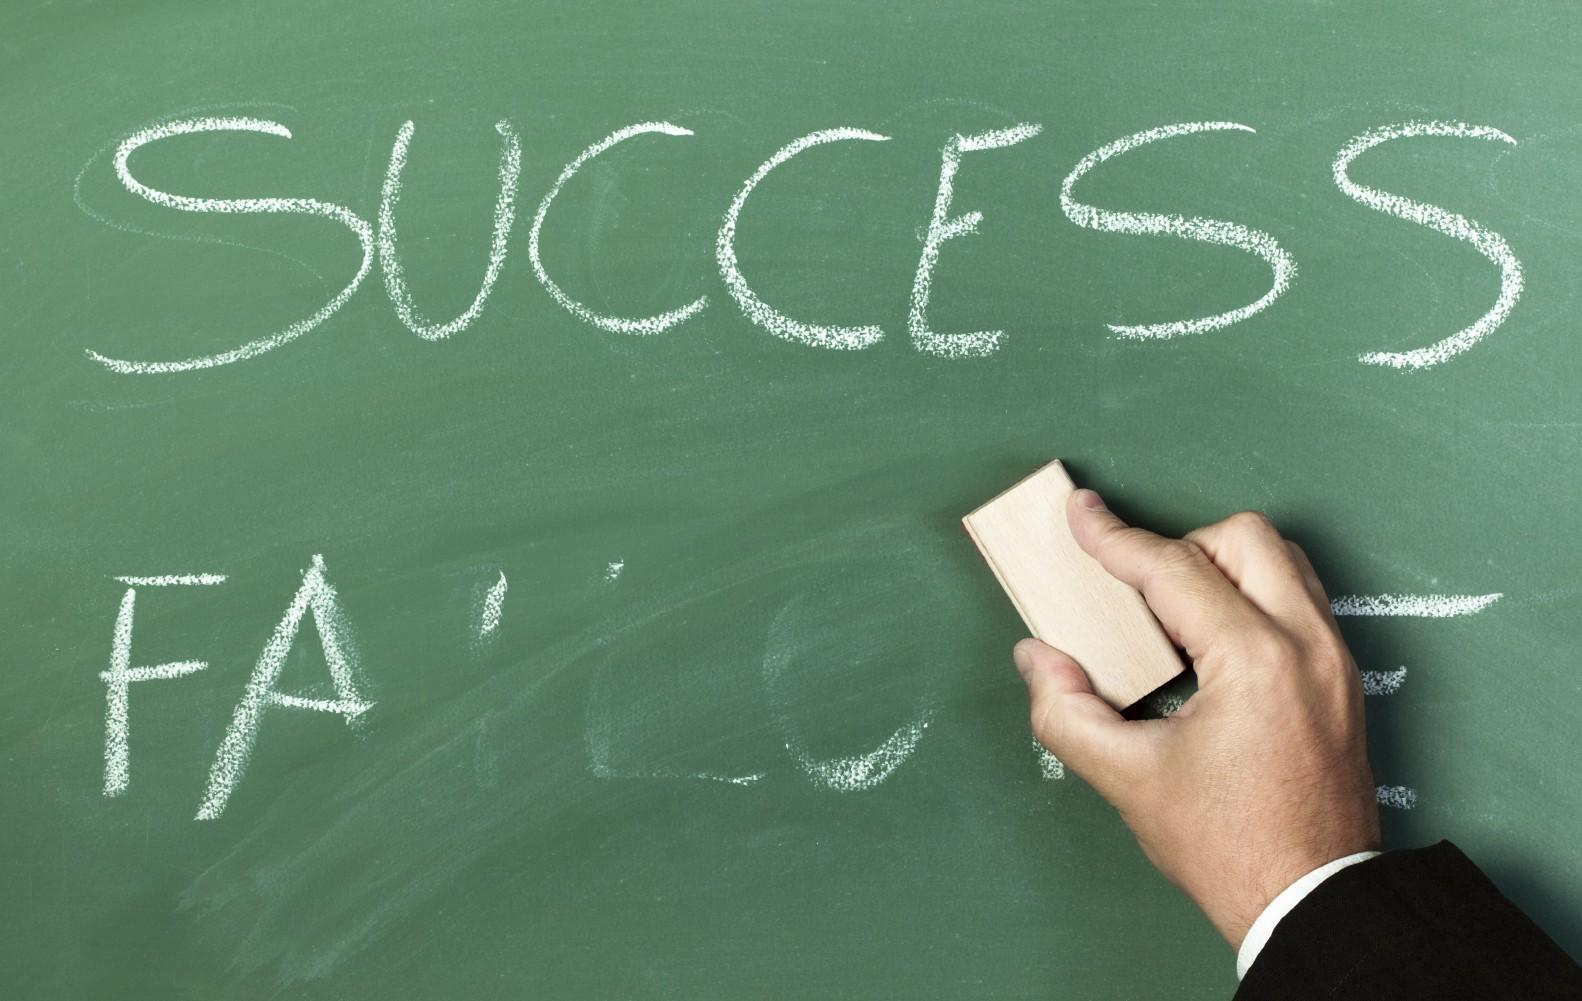 Strategic-Success-iStock_000009610569Medium1